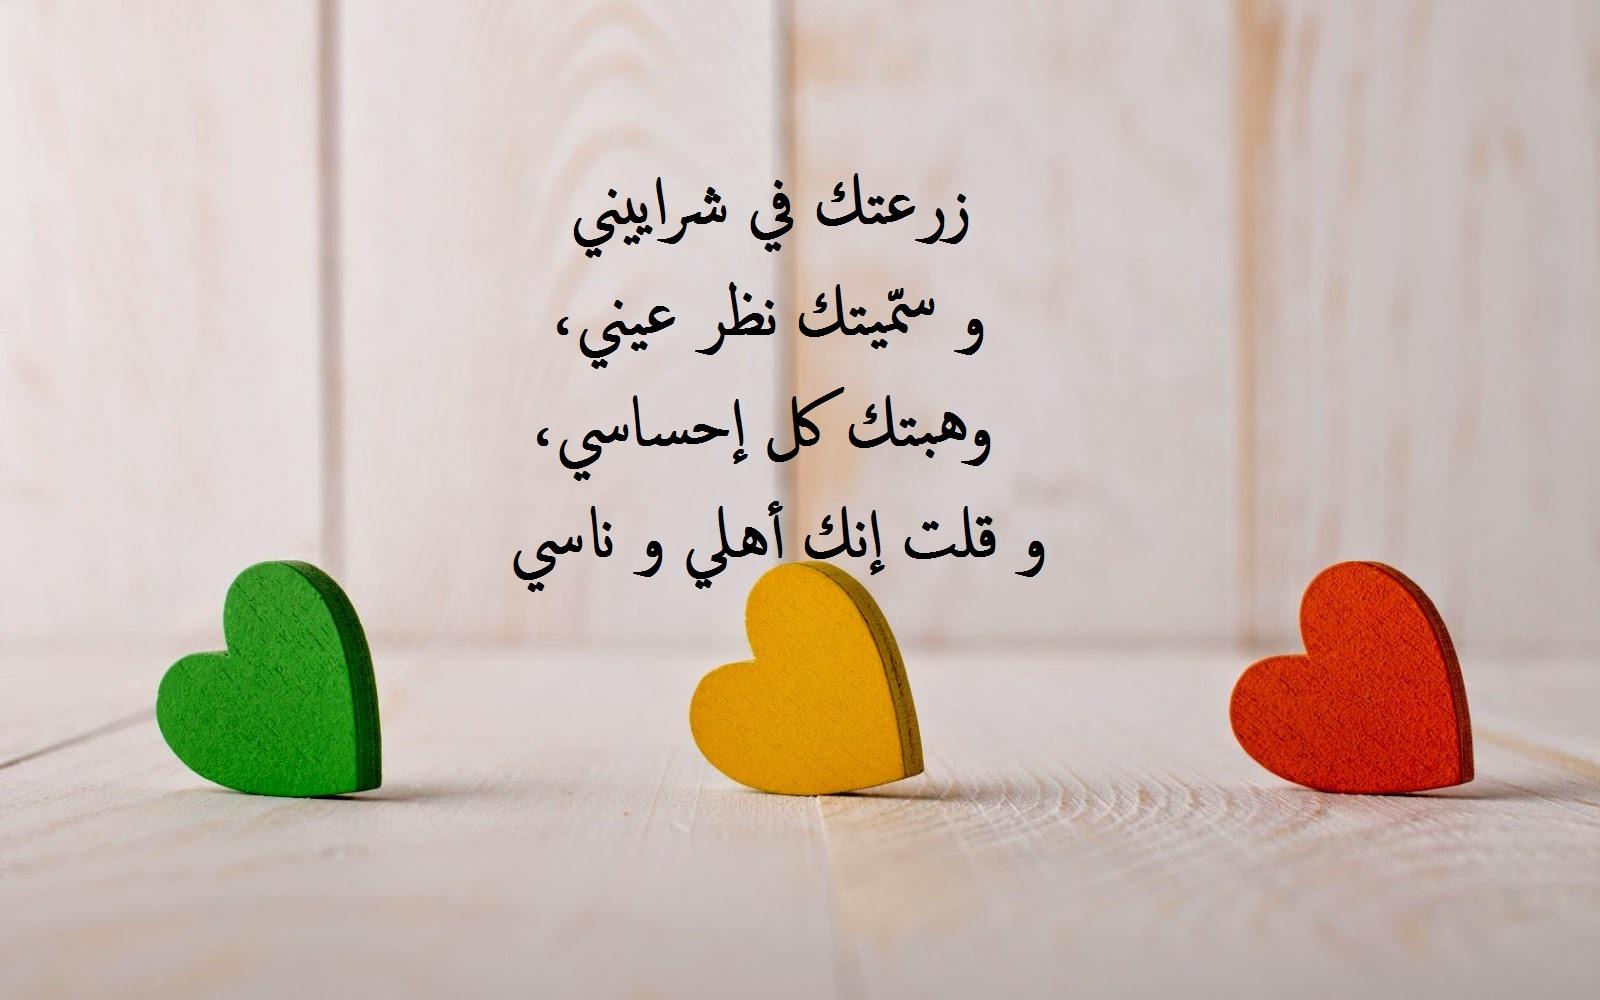 خلفية رومانسية لقلوب ملونة و مكتوب فيها عبارات حب.